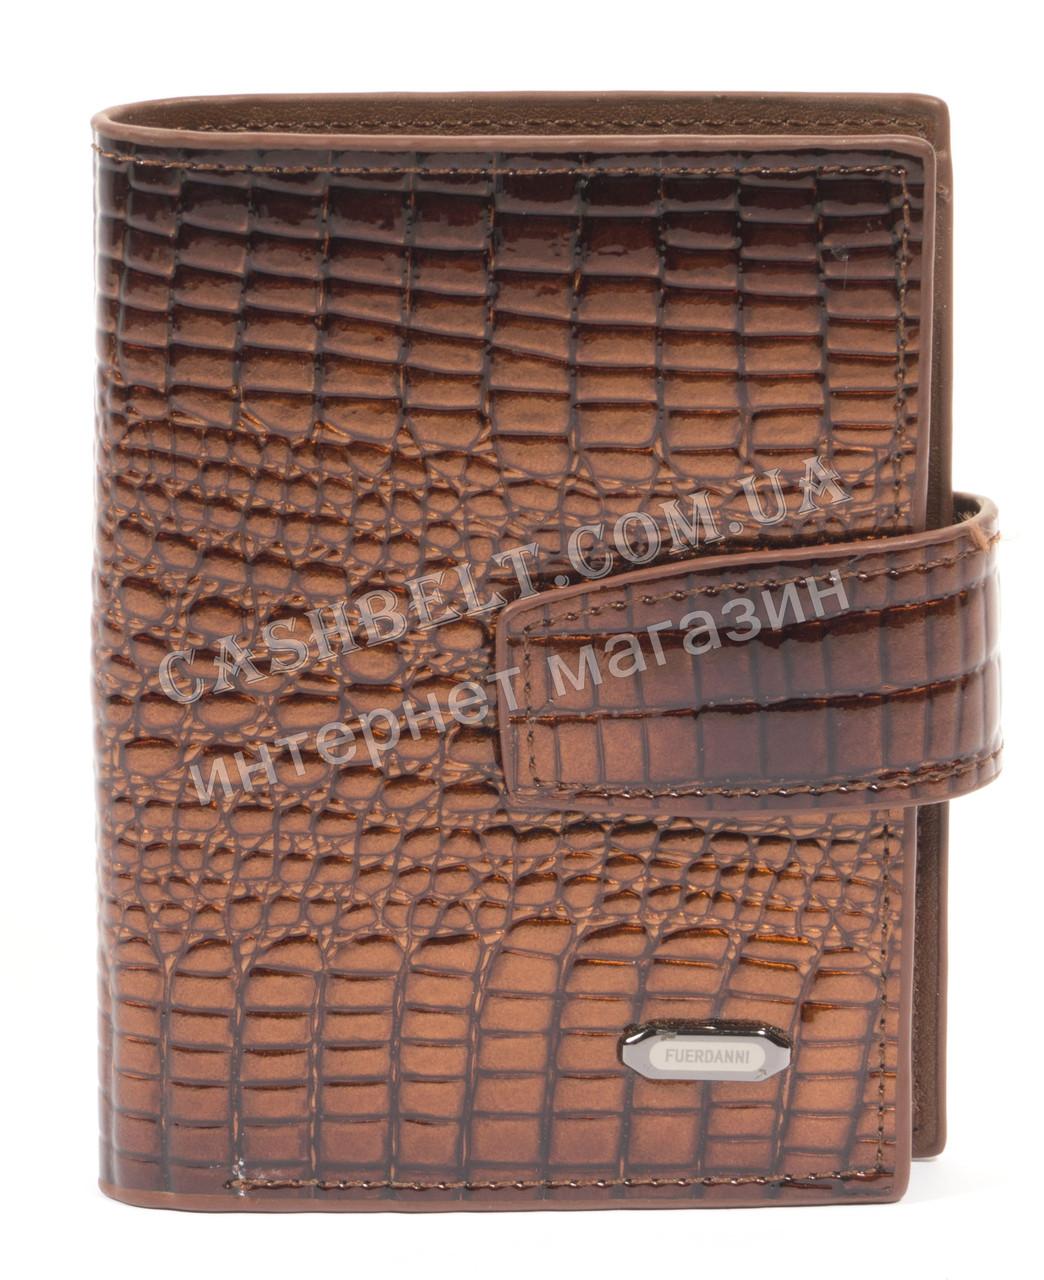 Стильная прочная визитница FUERDANNI art. 1031-1 коричневая